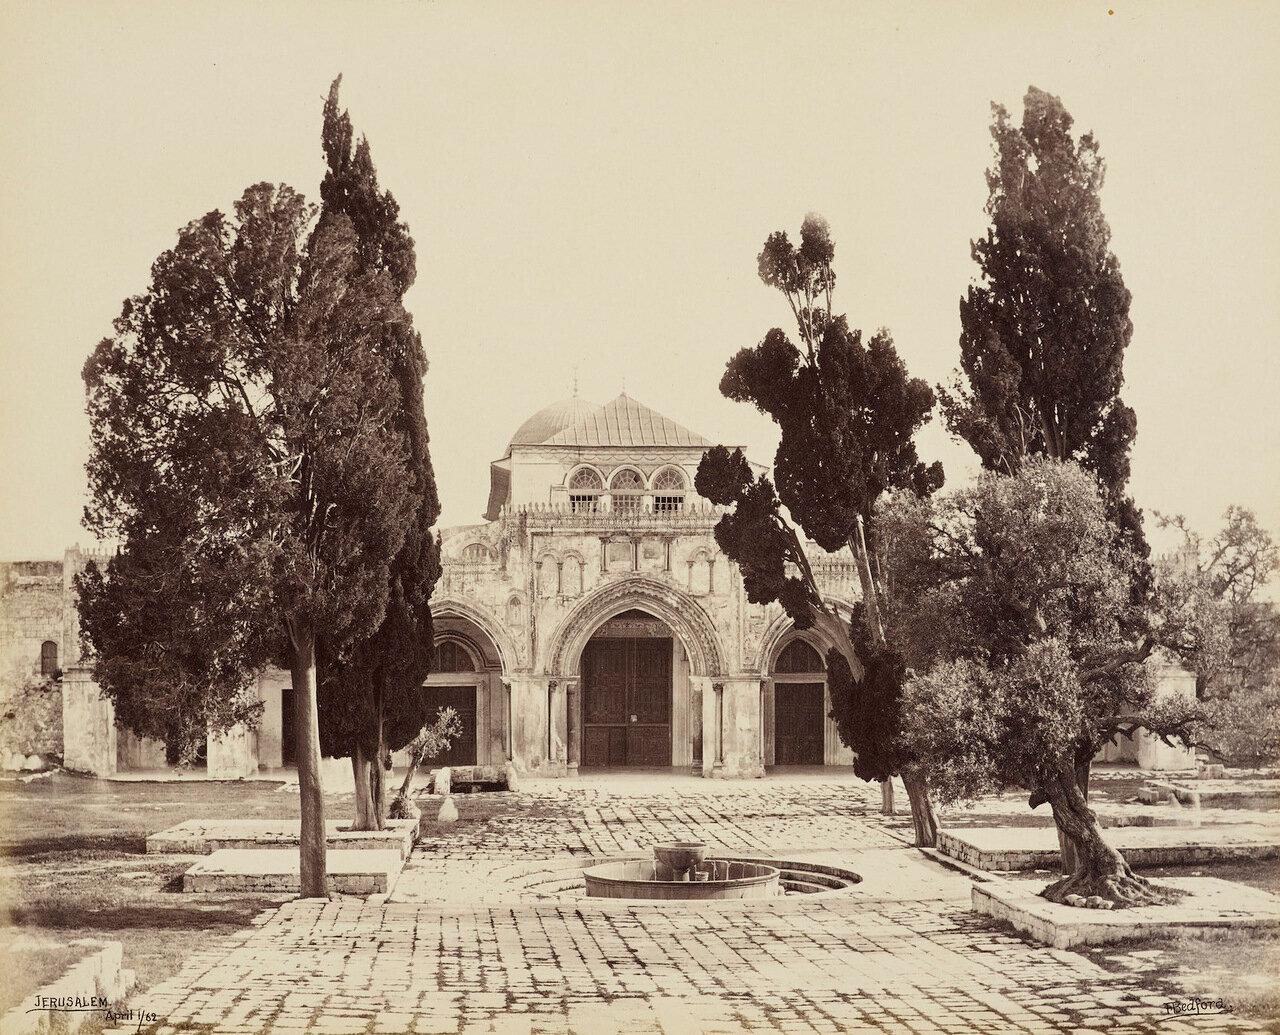 1 апреля 1862. мечеть Аль-Акса, Иерусалим